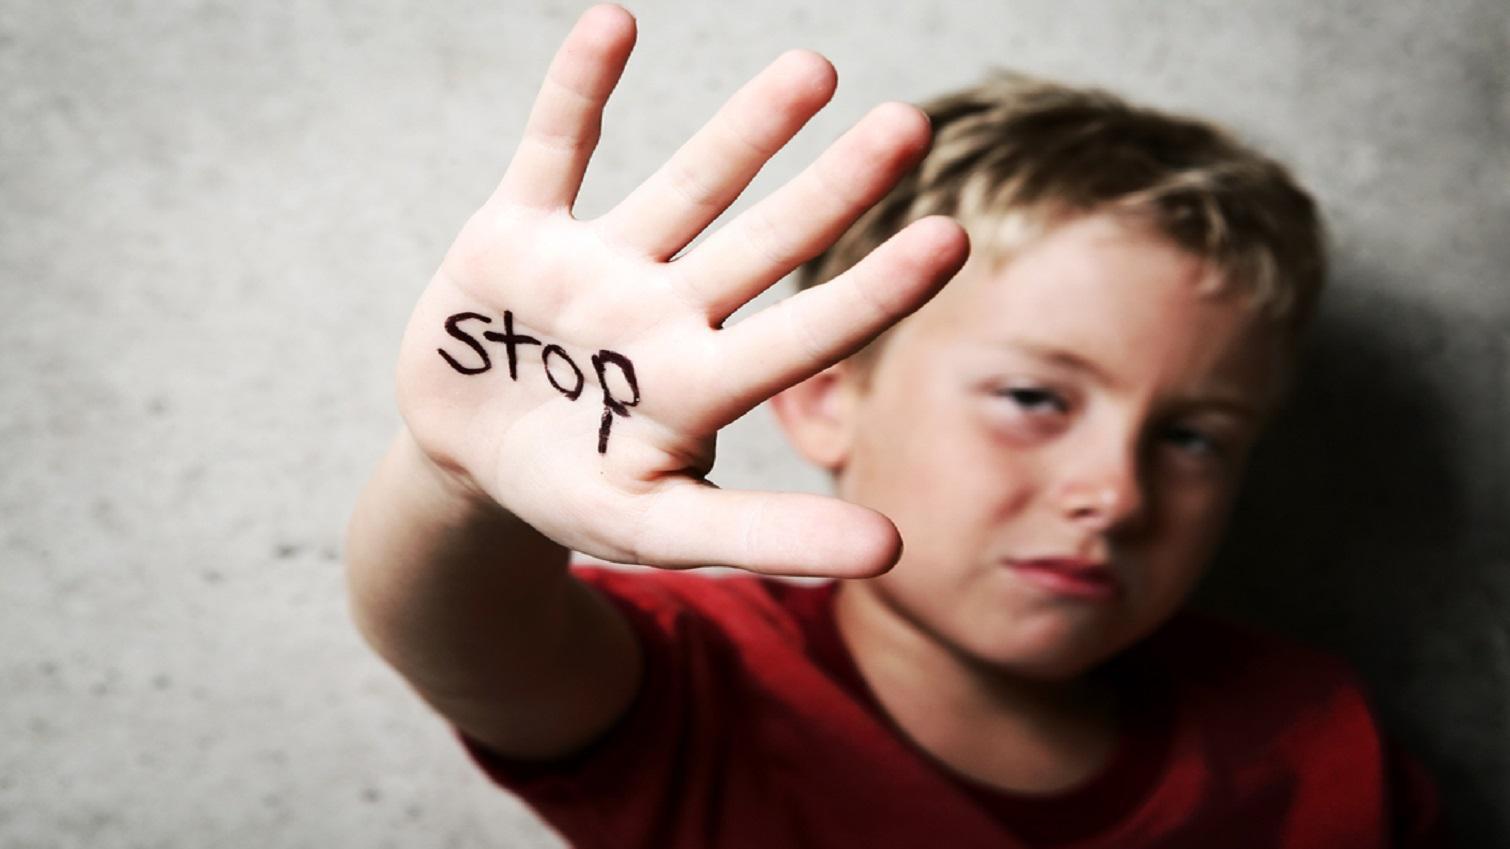 Menyedihkan, Sebuah Video Mengungkap Kisah Bocah SD yang Sering